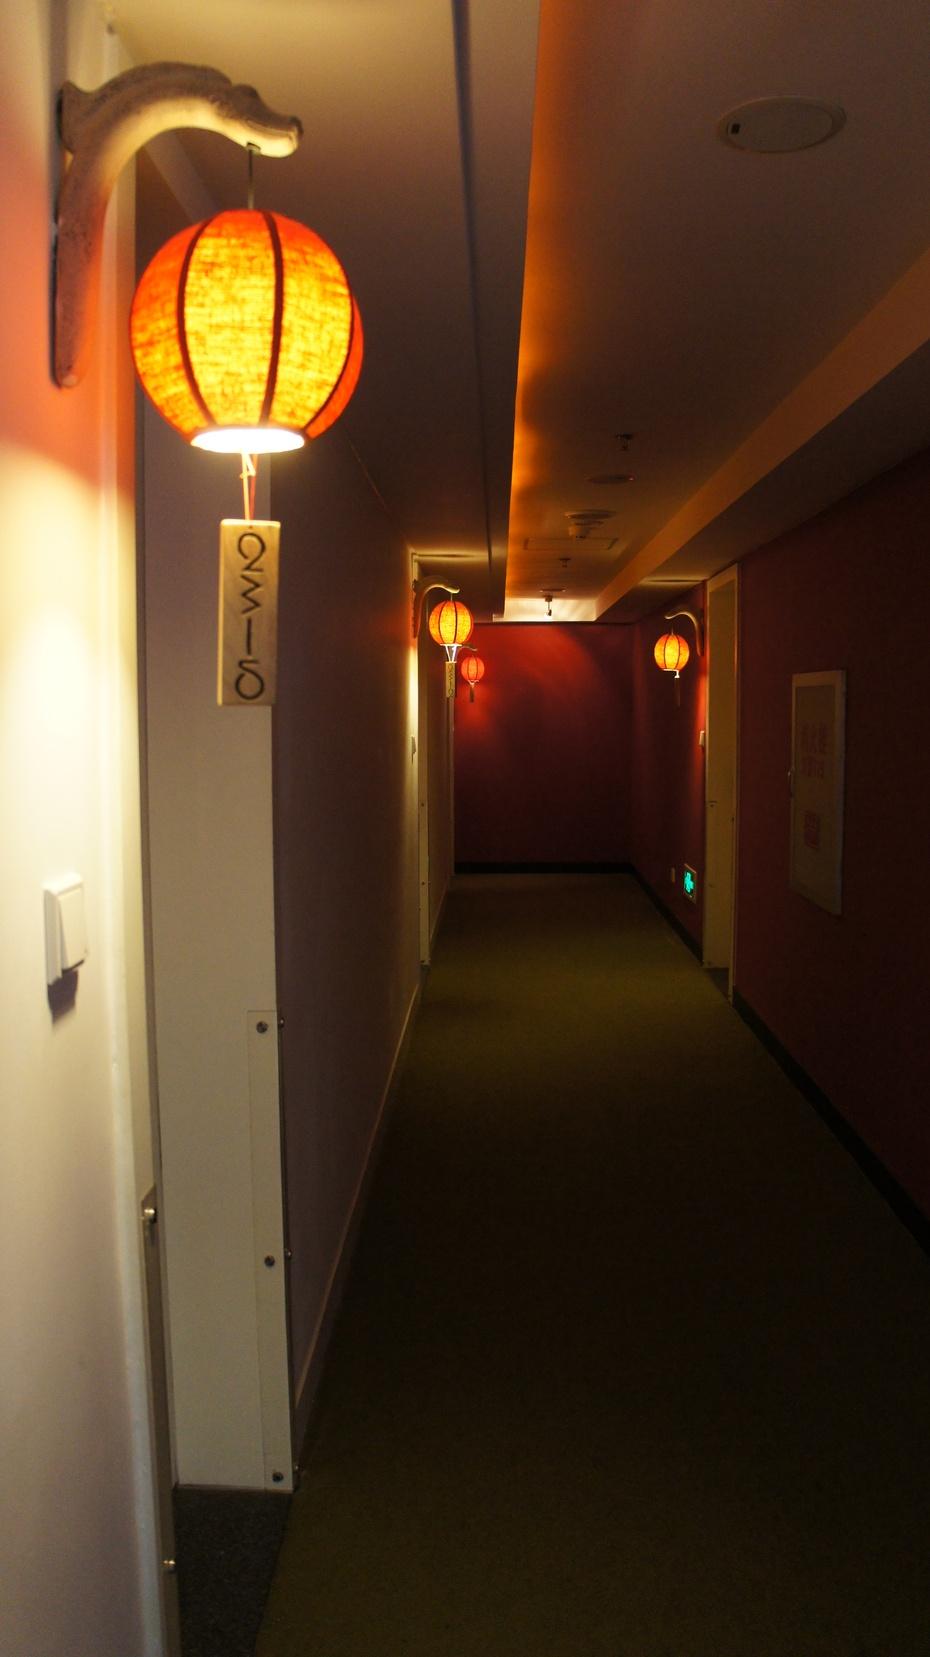 特色饭店之二:桂林夏朵酒店 - 余昌国 - 我的博客